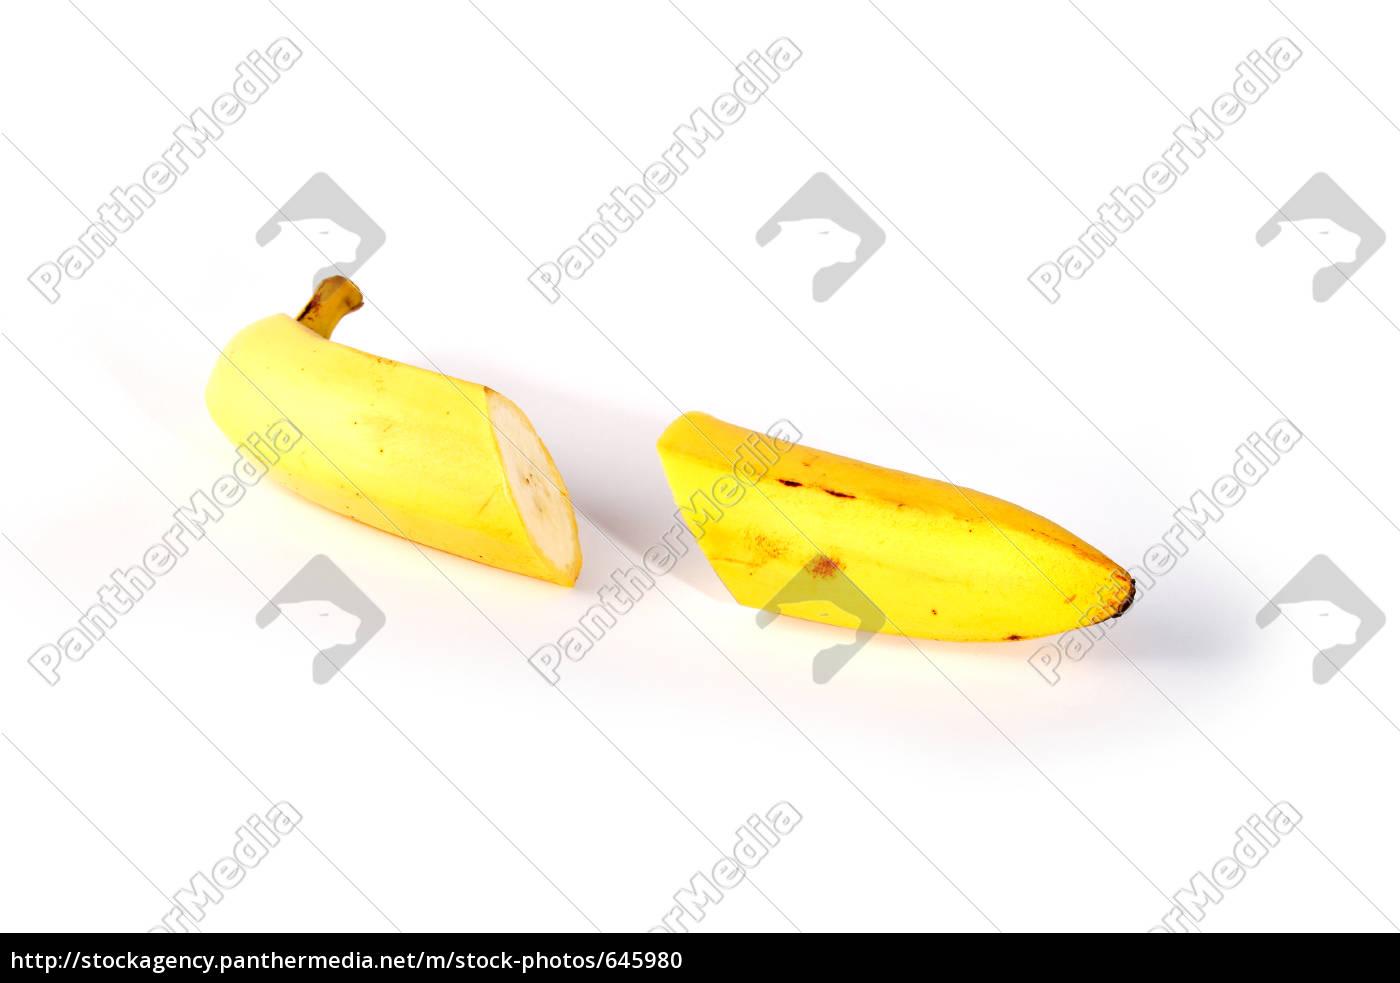 split, banana - 645980